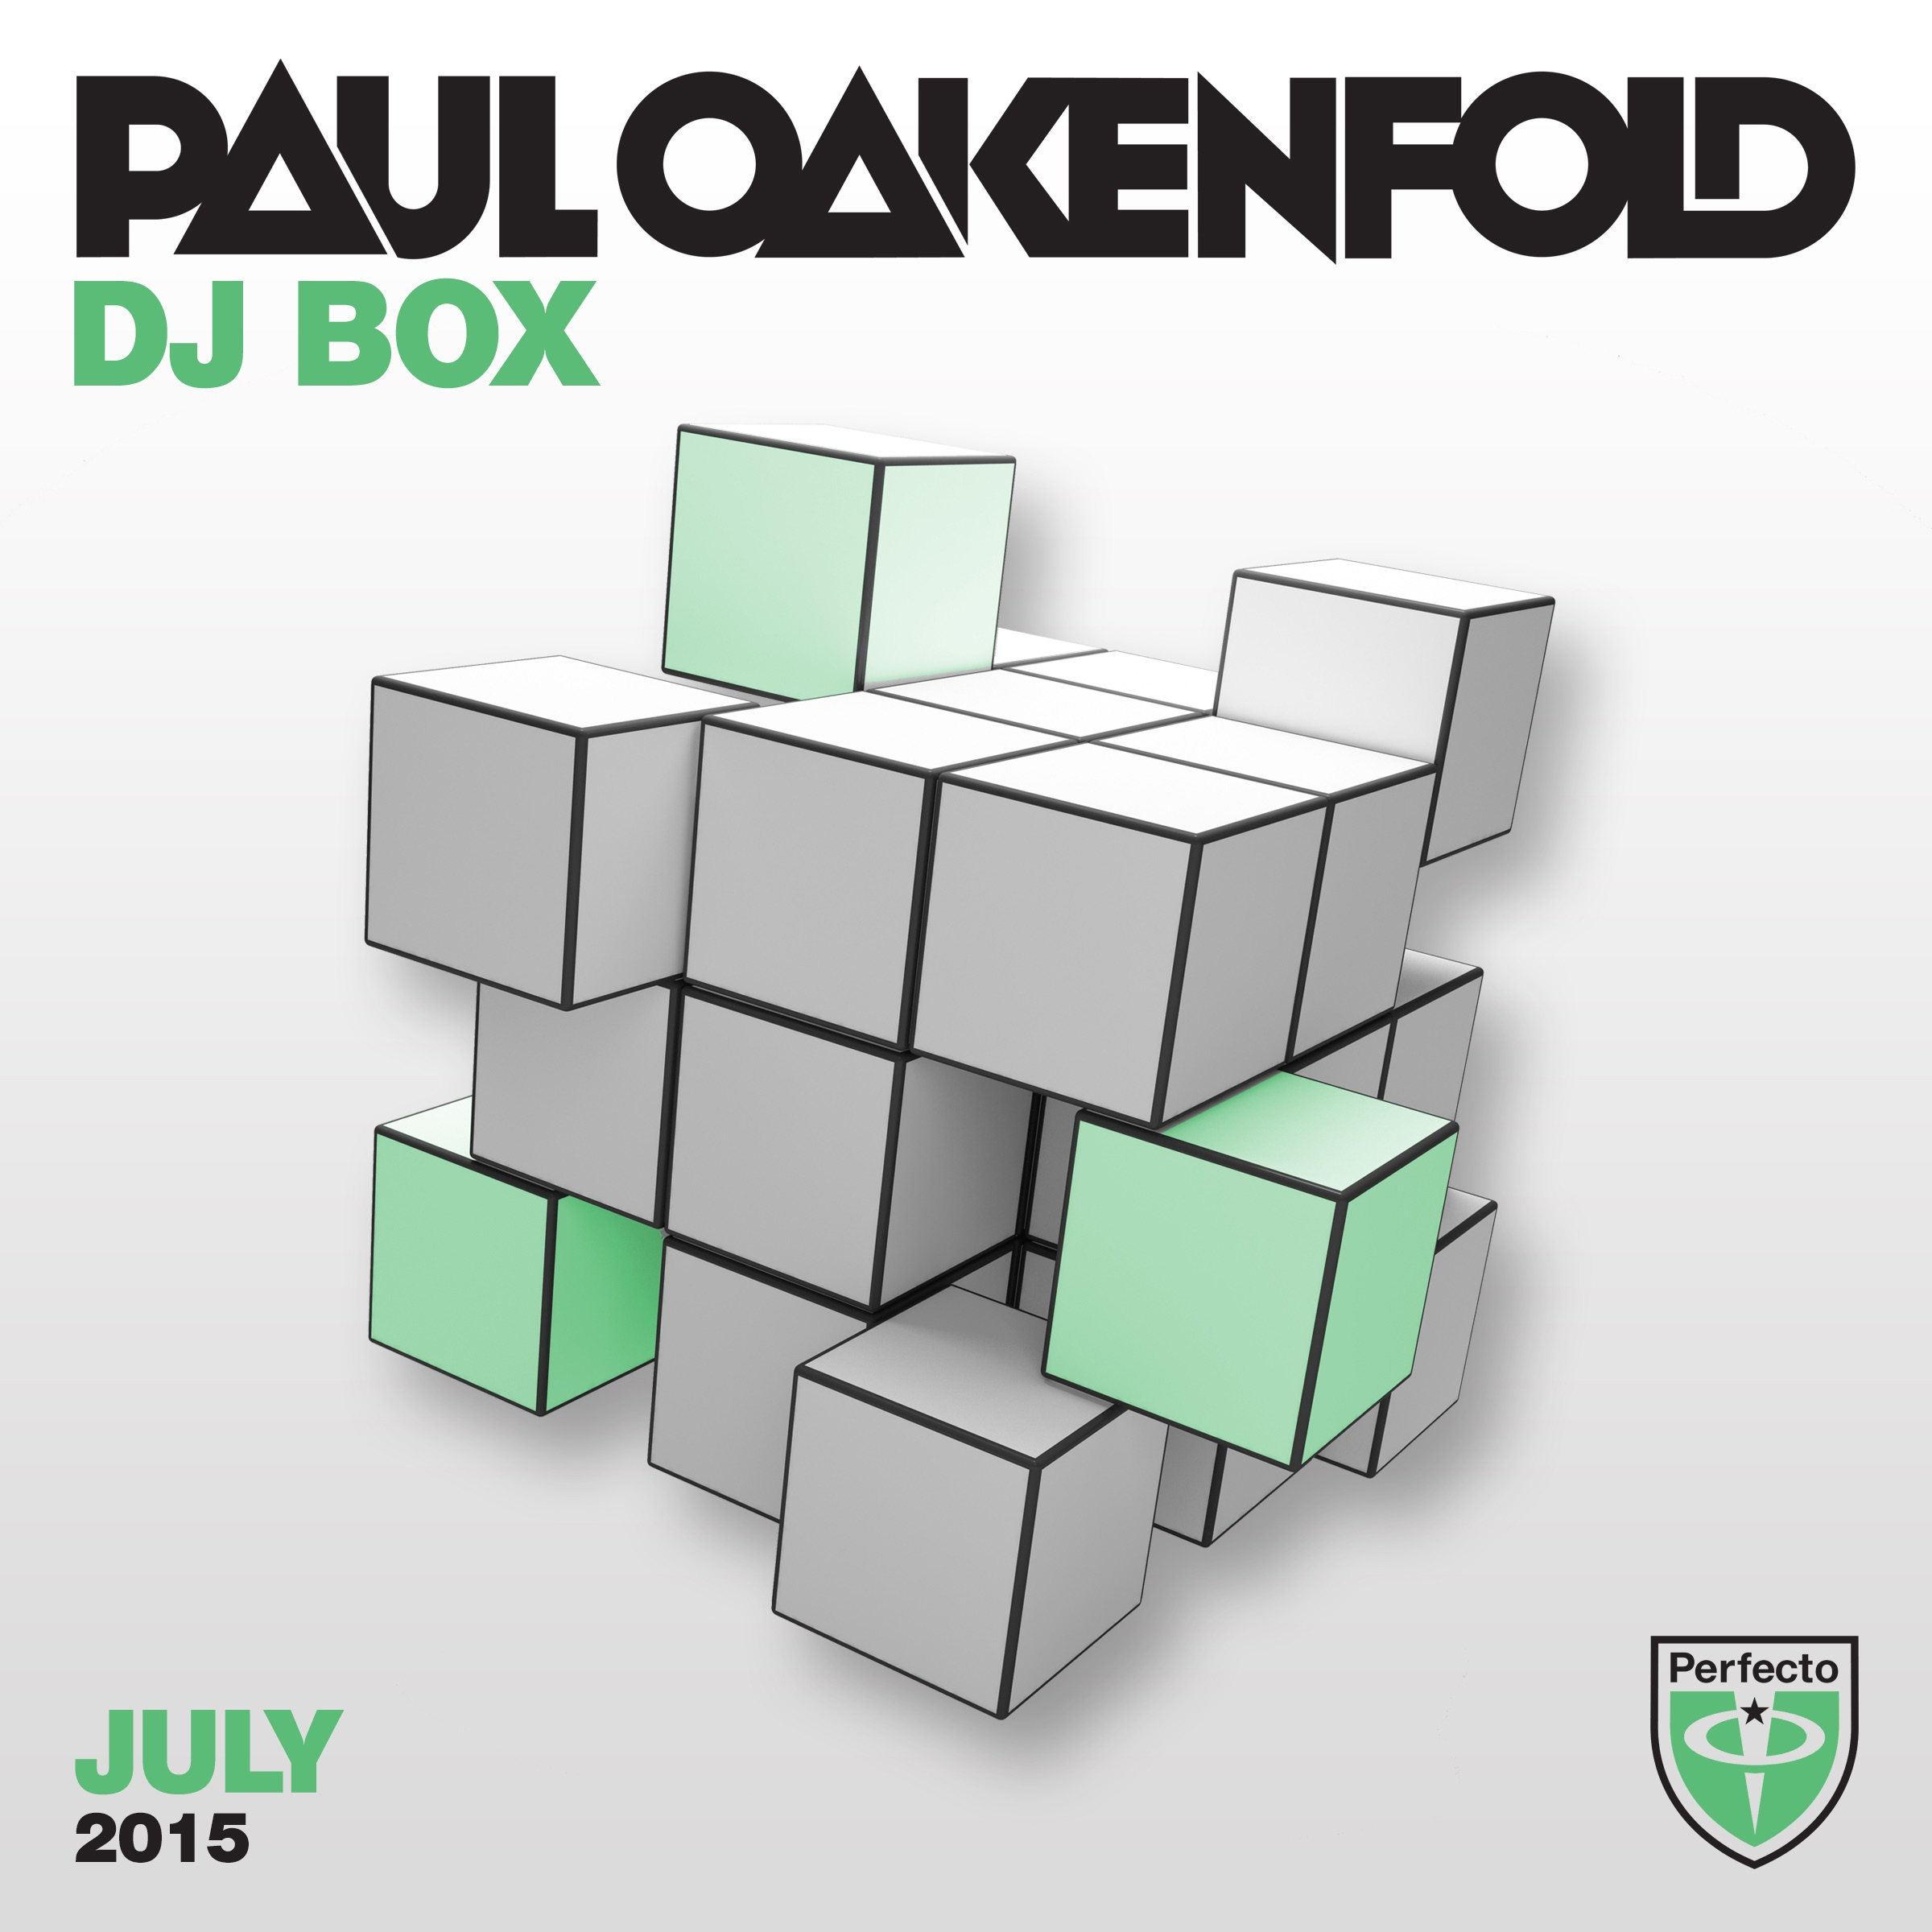 Paul oakenfold seeks music video director